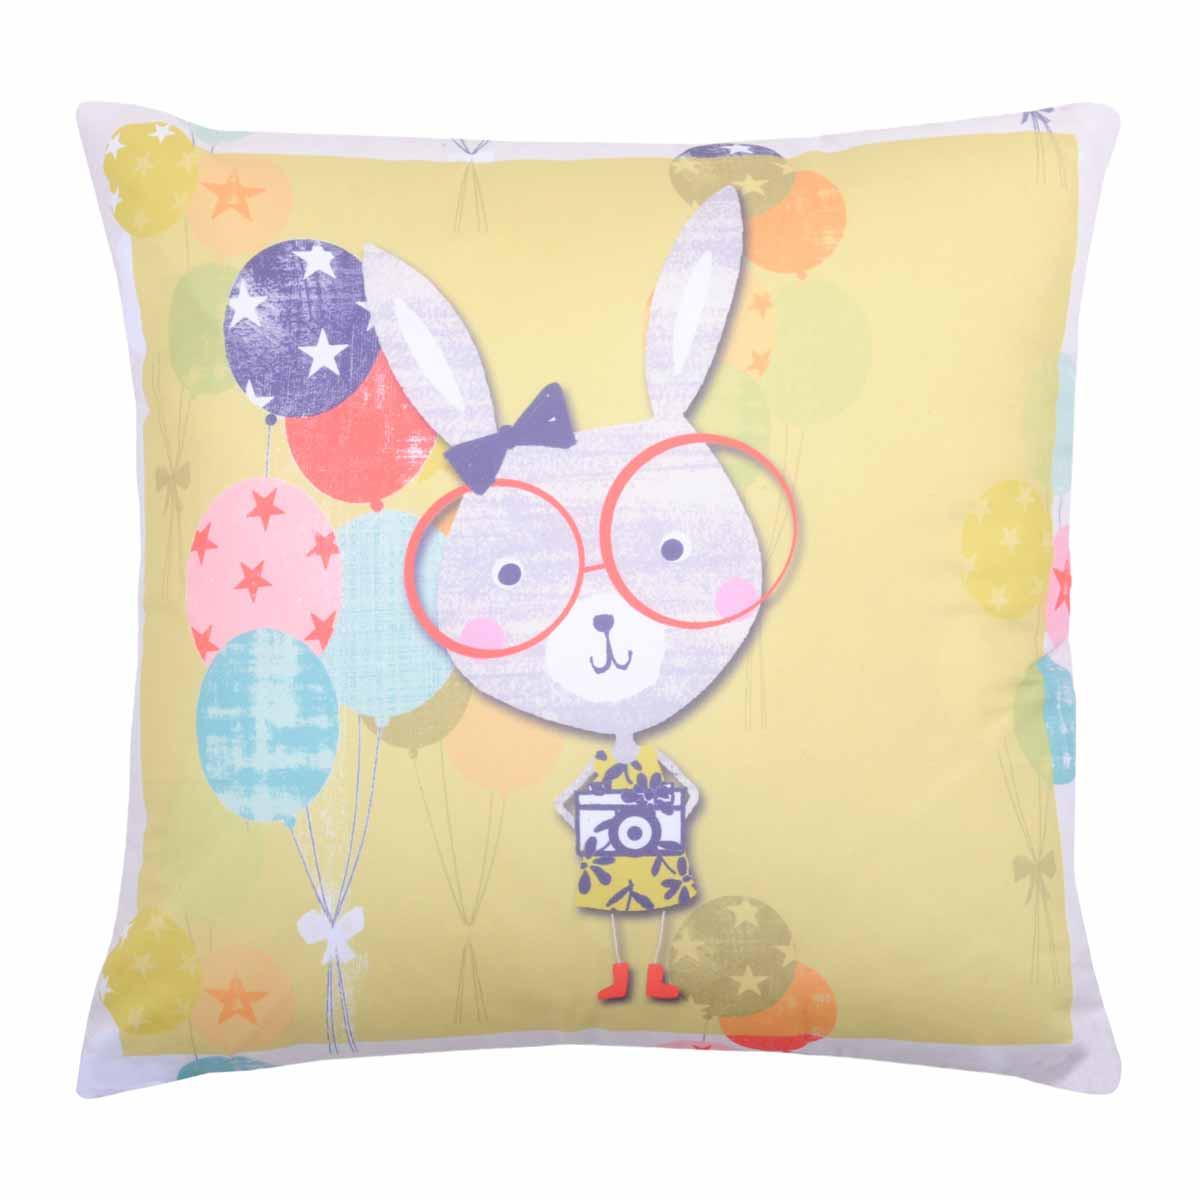 Διακοσμητικό Μαξιλάρι Luce Jaune C08876002 home   παιδικά   διακοσμητικά μαξιλάρια παιδικά